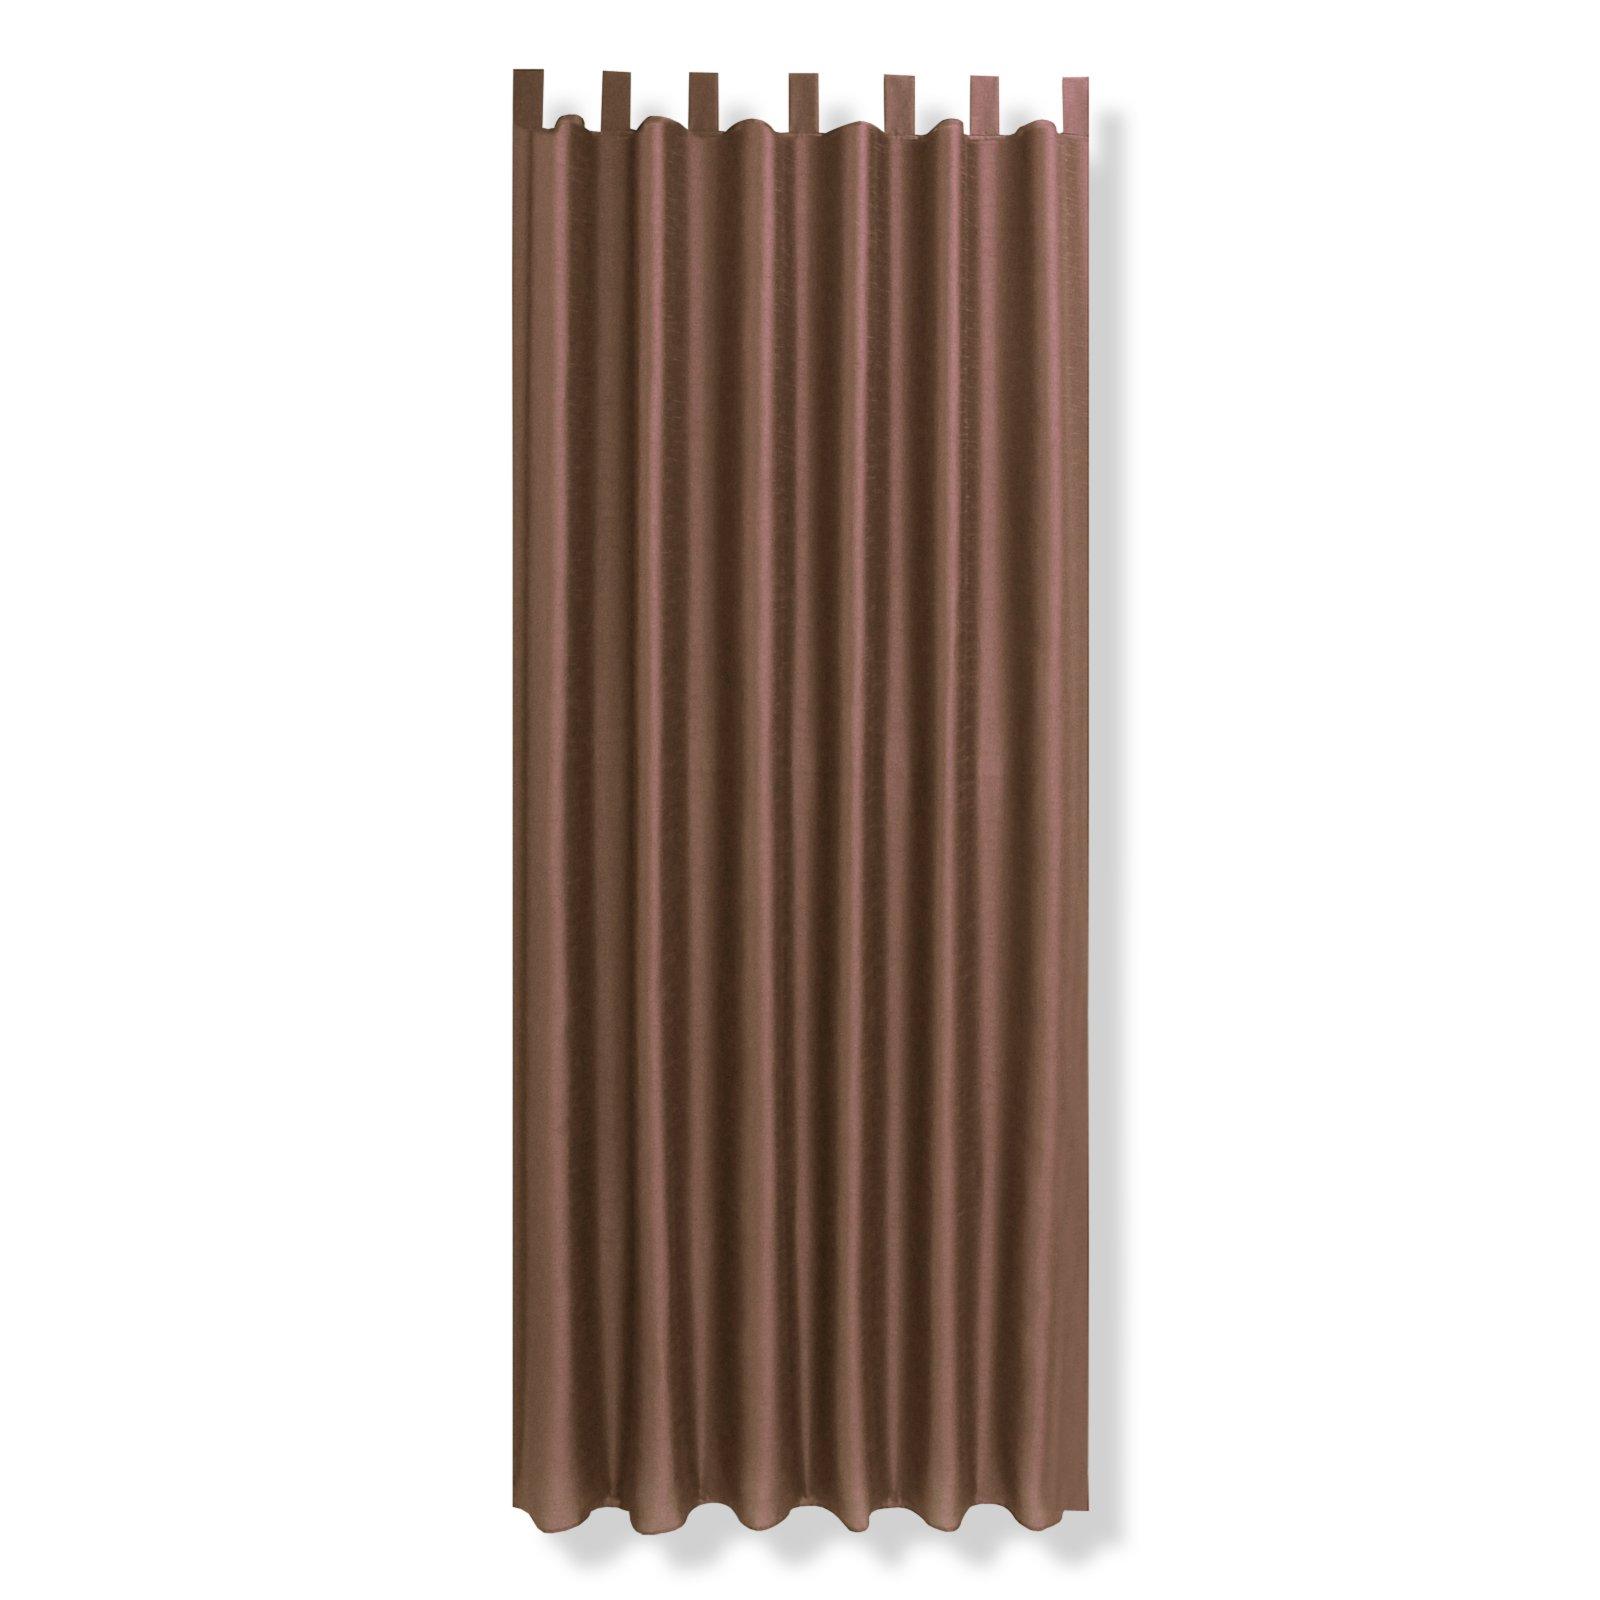 Schlaufenschal TAIFUN - braun - 140x235 cm